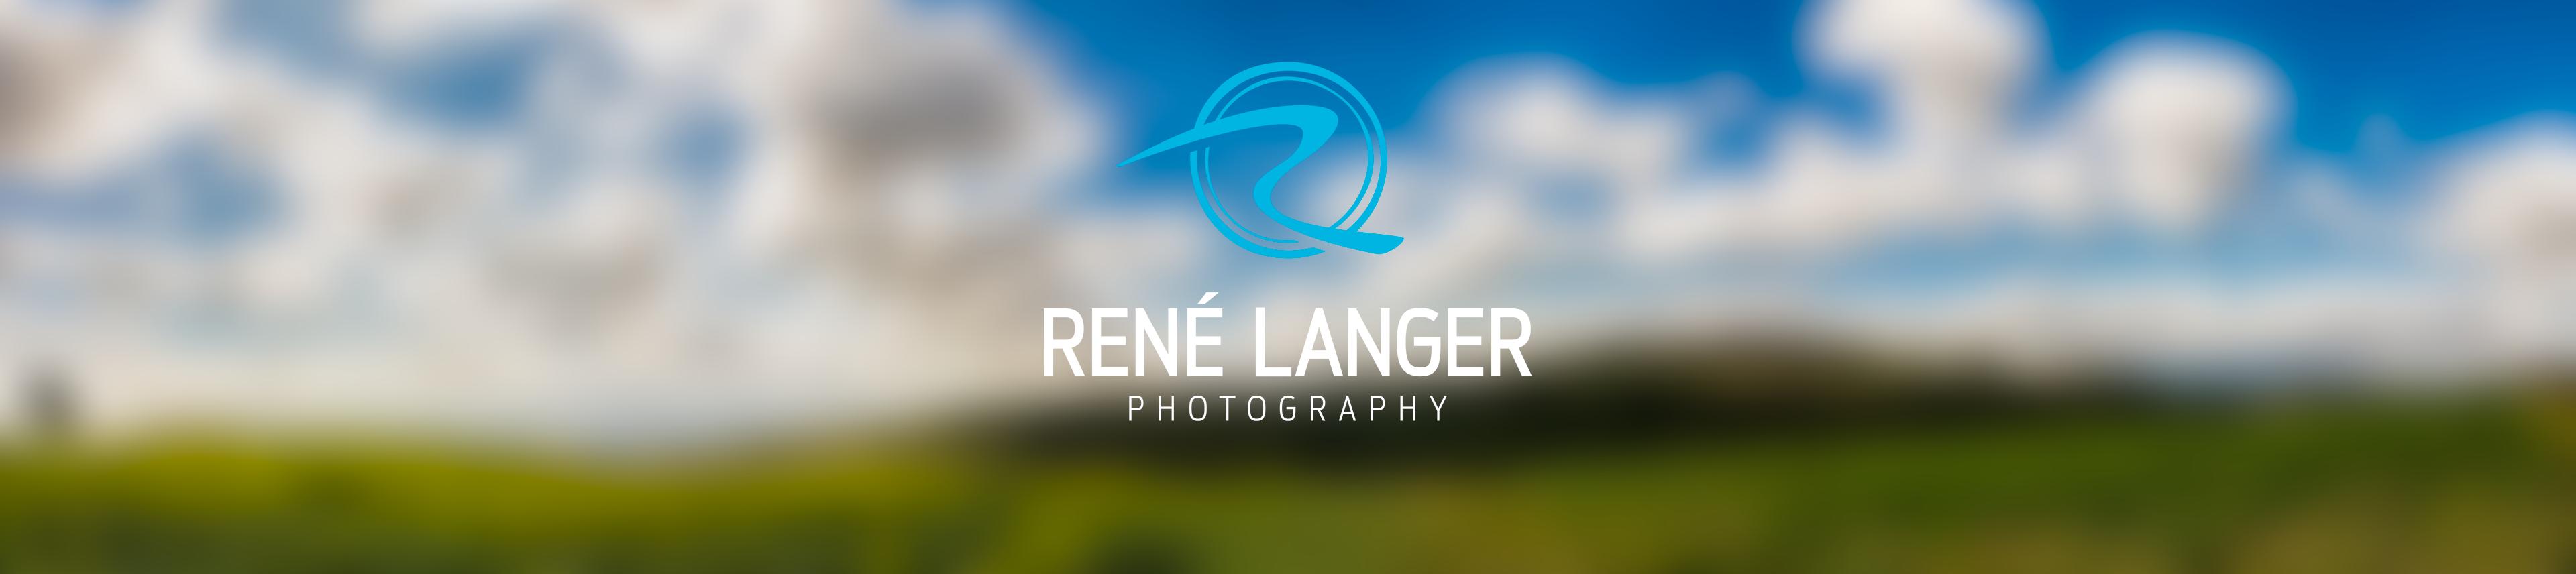 Rene Langer Titelseite